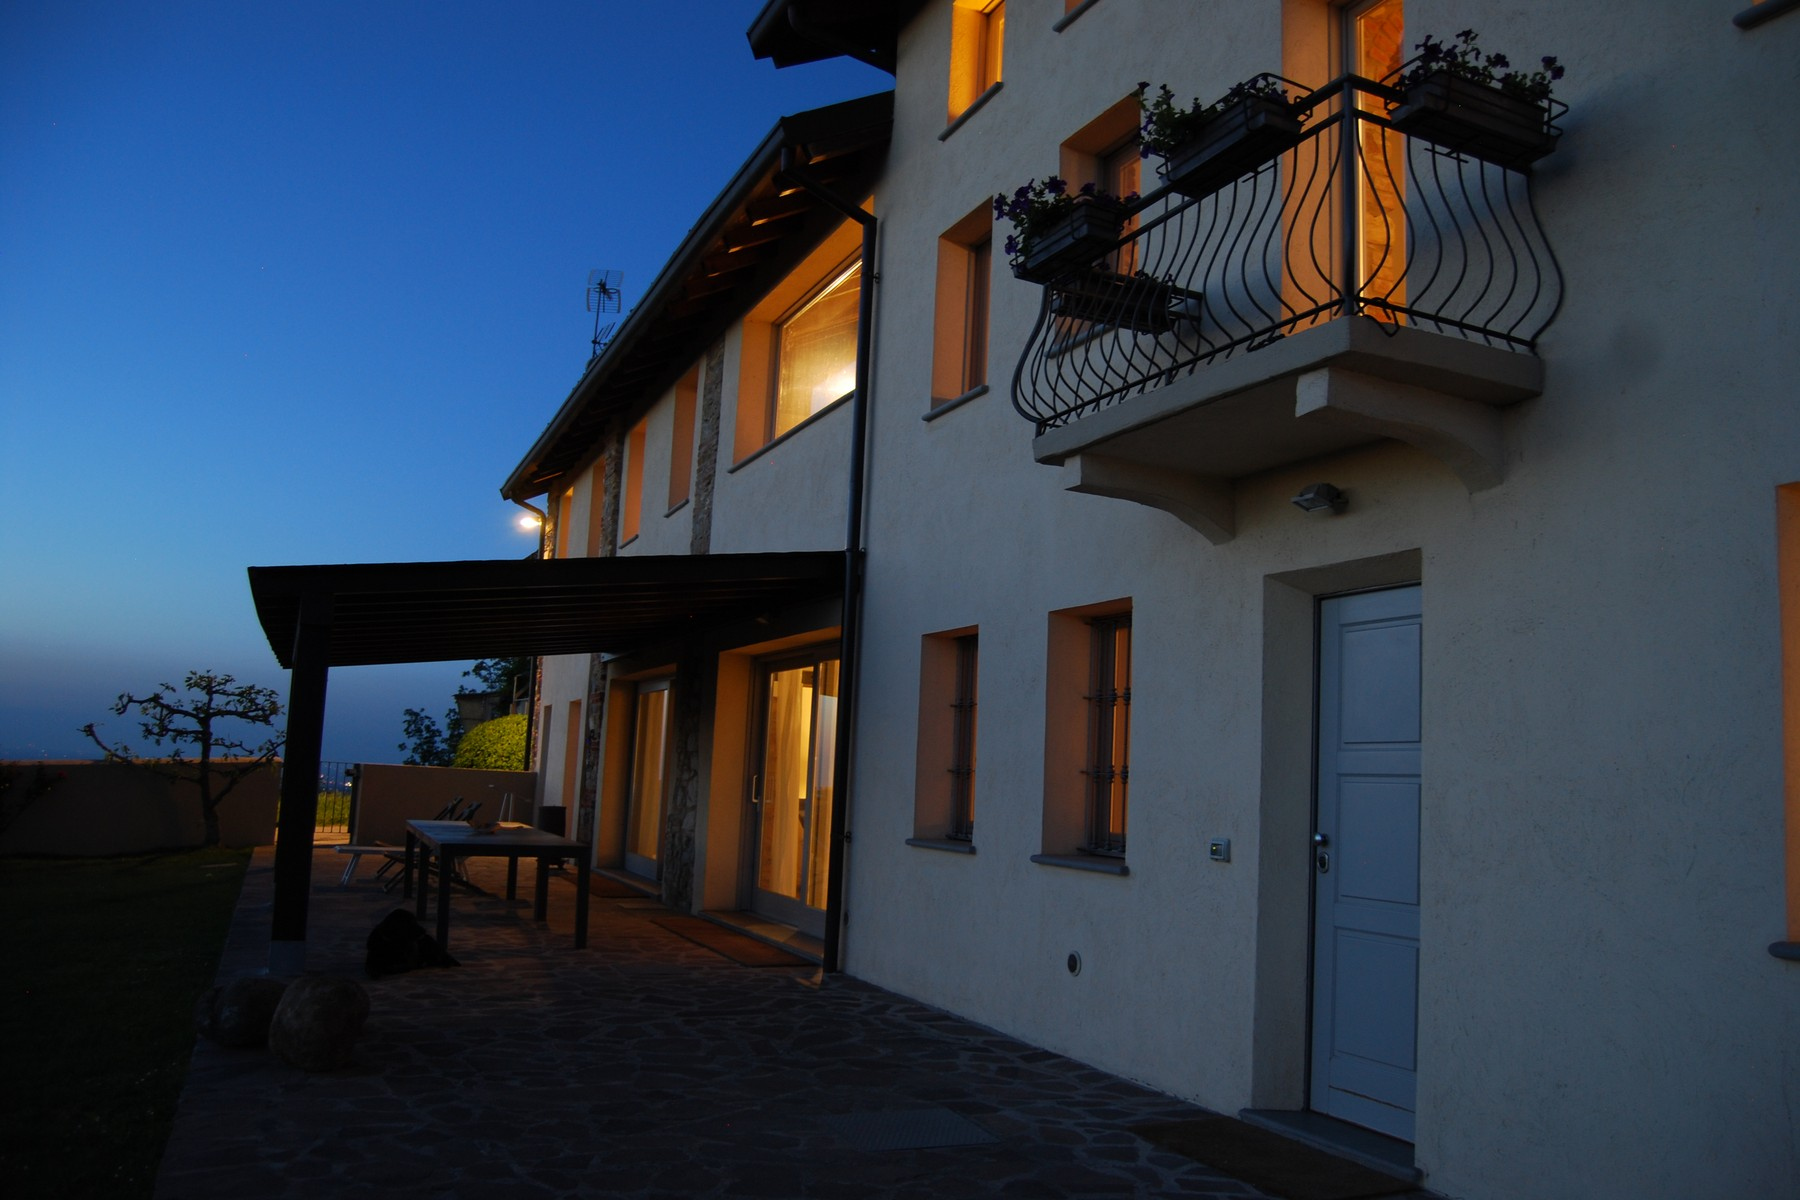 Rustico in Vendita a Montemarzino: 5 locali, 300 mq - Foto 13